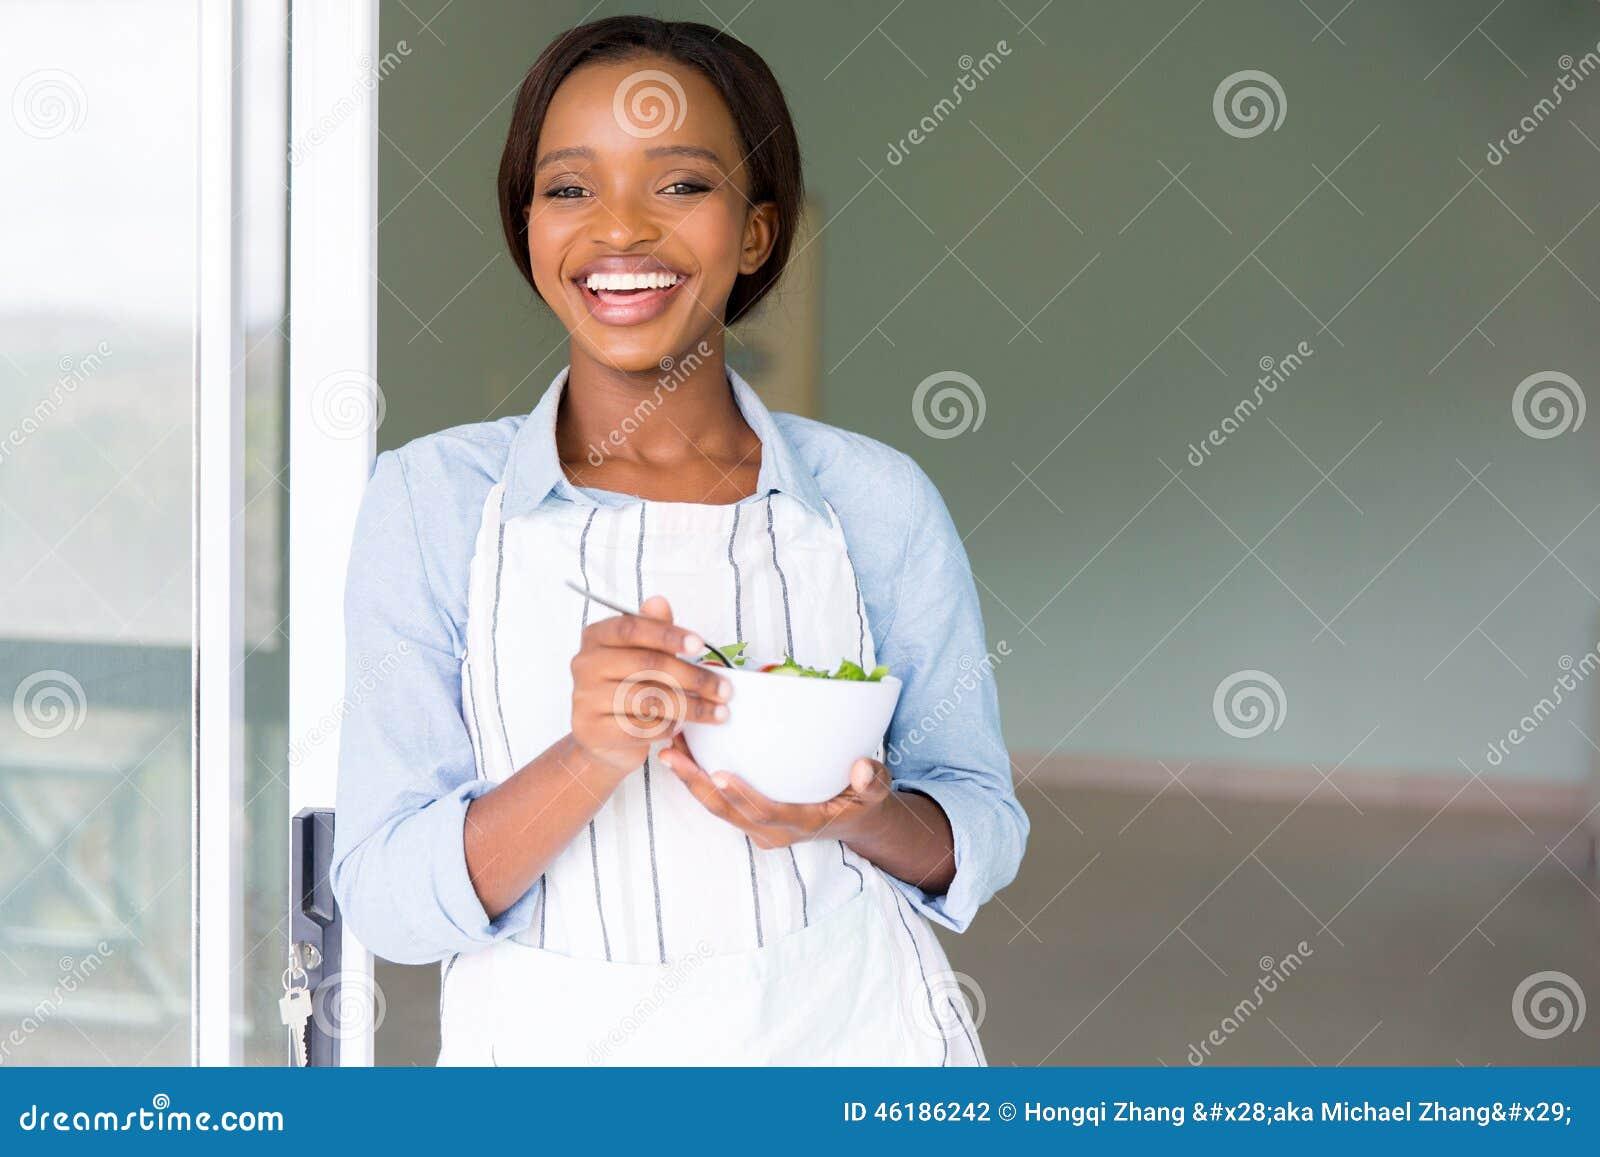 Végétarien mangeant de la salade